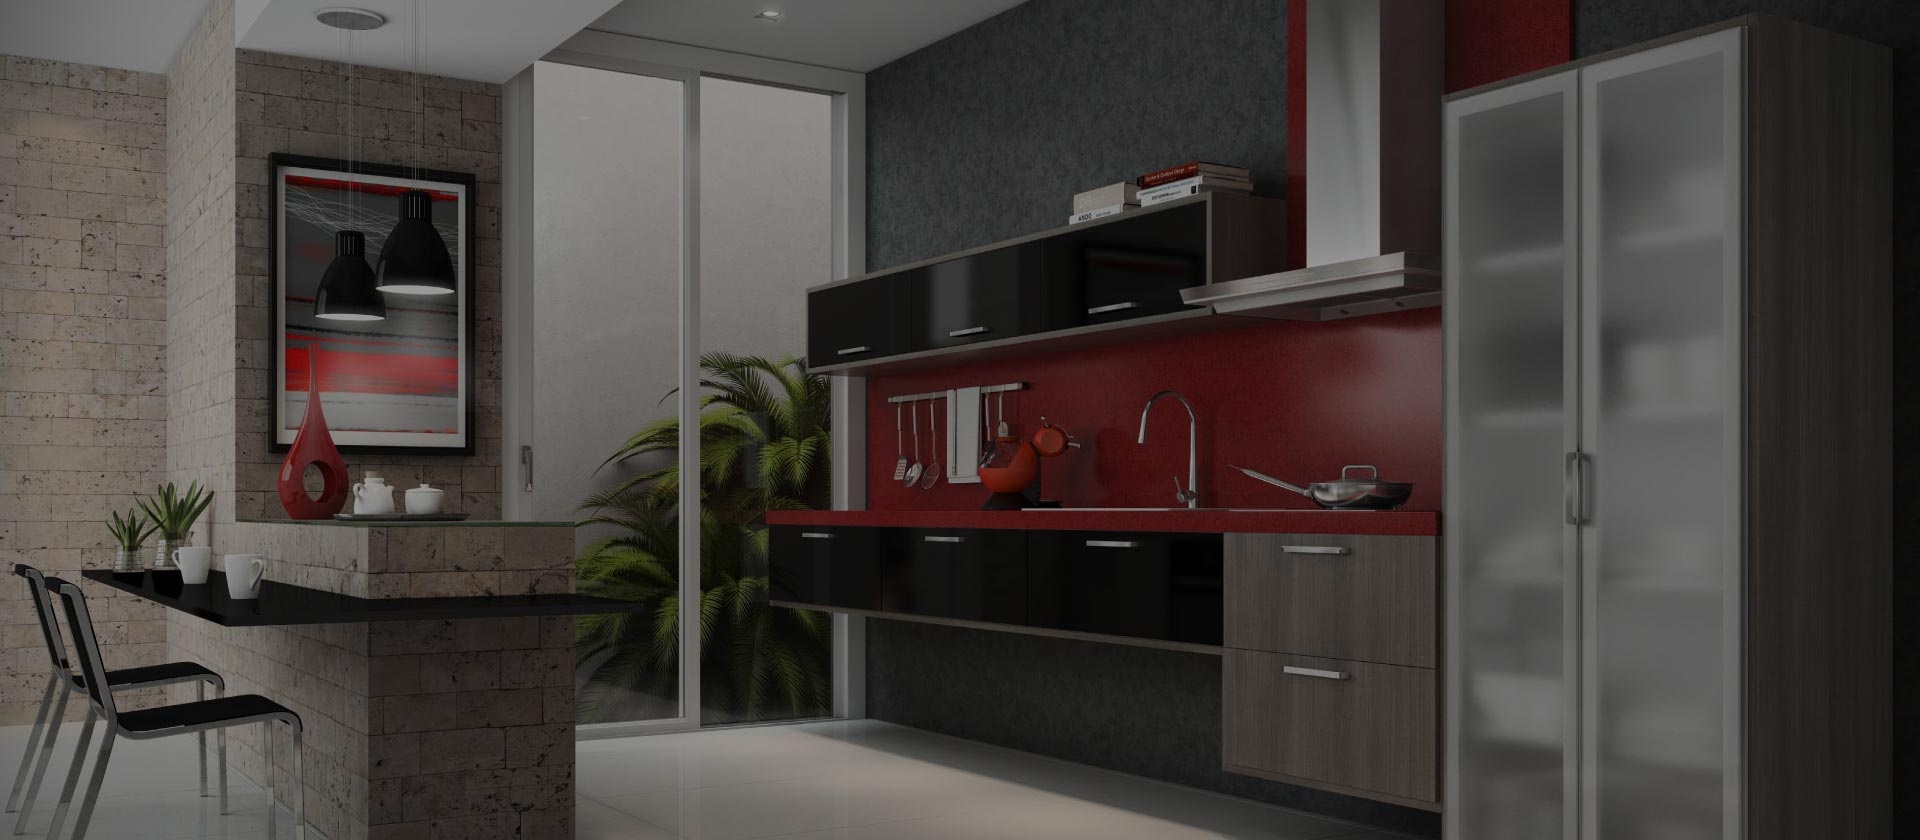 UNA Planejados traz para Jundiaí profissionais qualificados para seu projeto de móveis planejados.